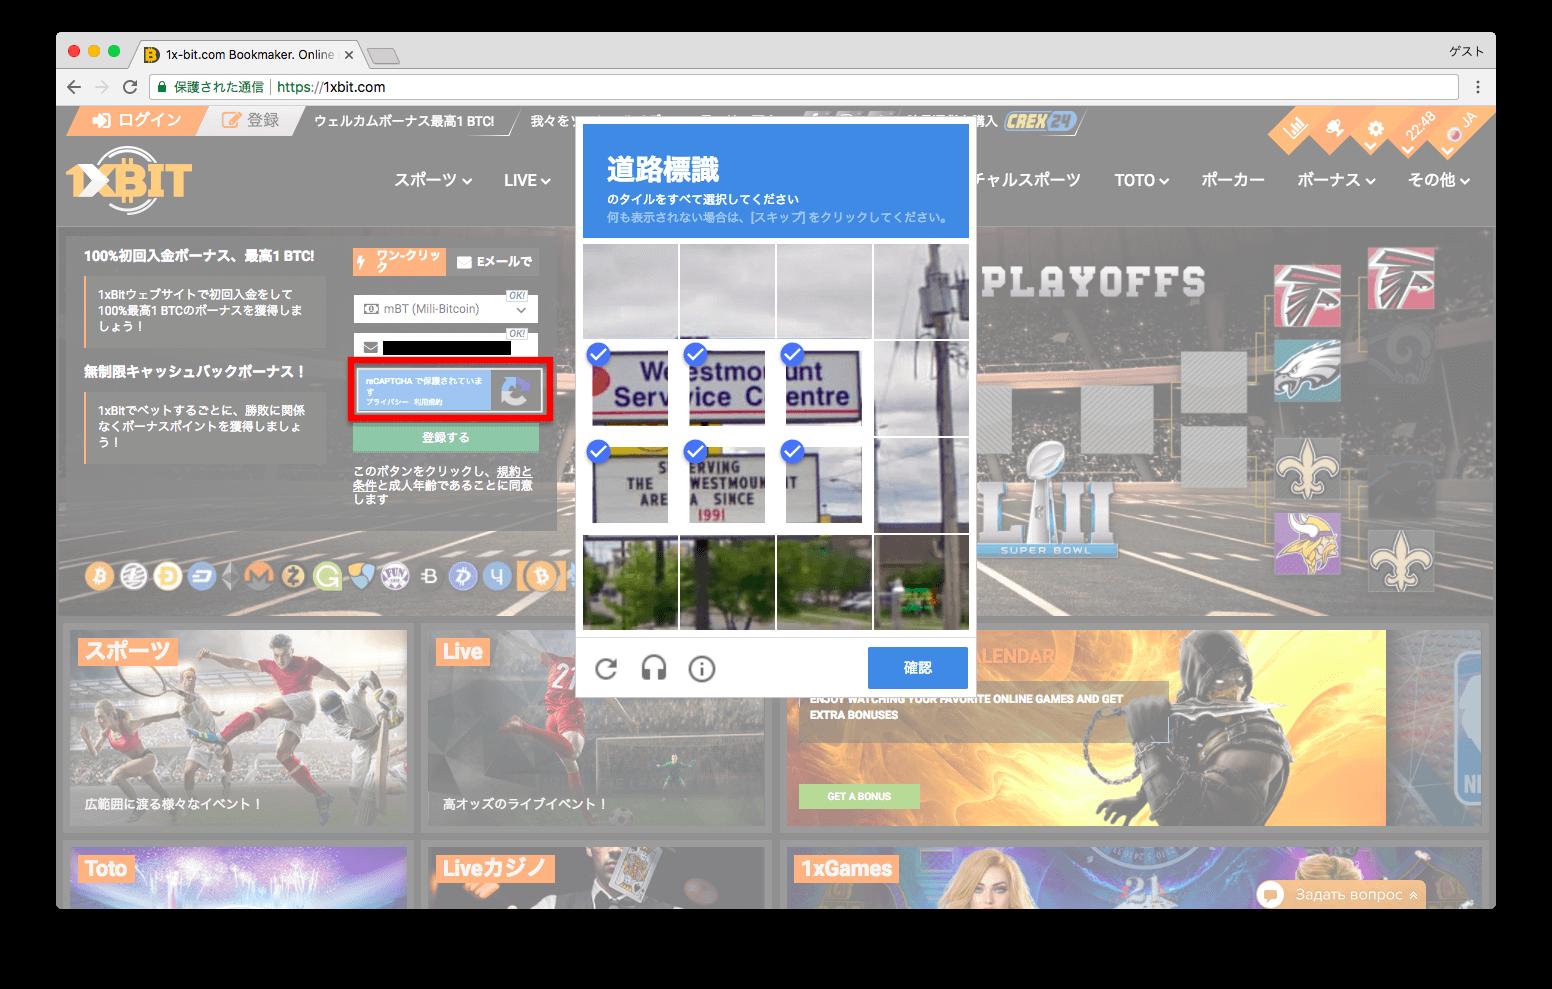 ワンバイビット登録時にグーグルの画像認証する画面